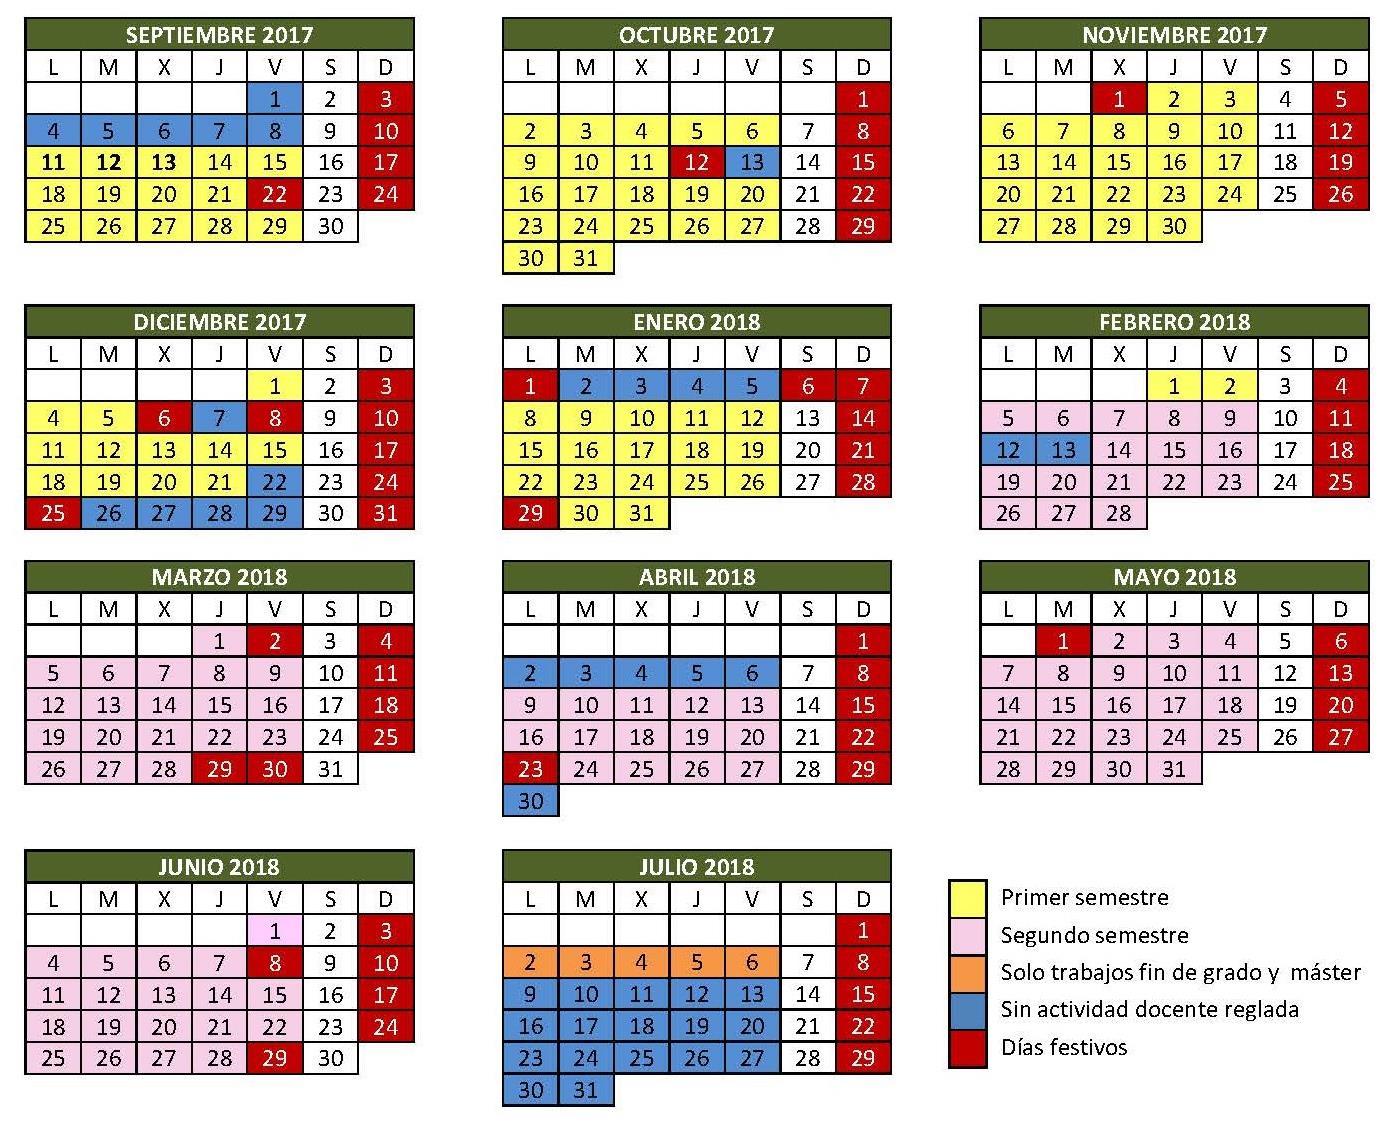 Calendario Universitario.Calendario Academico Del Curso 2017 2018 Universidad De Burgos